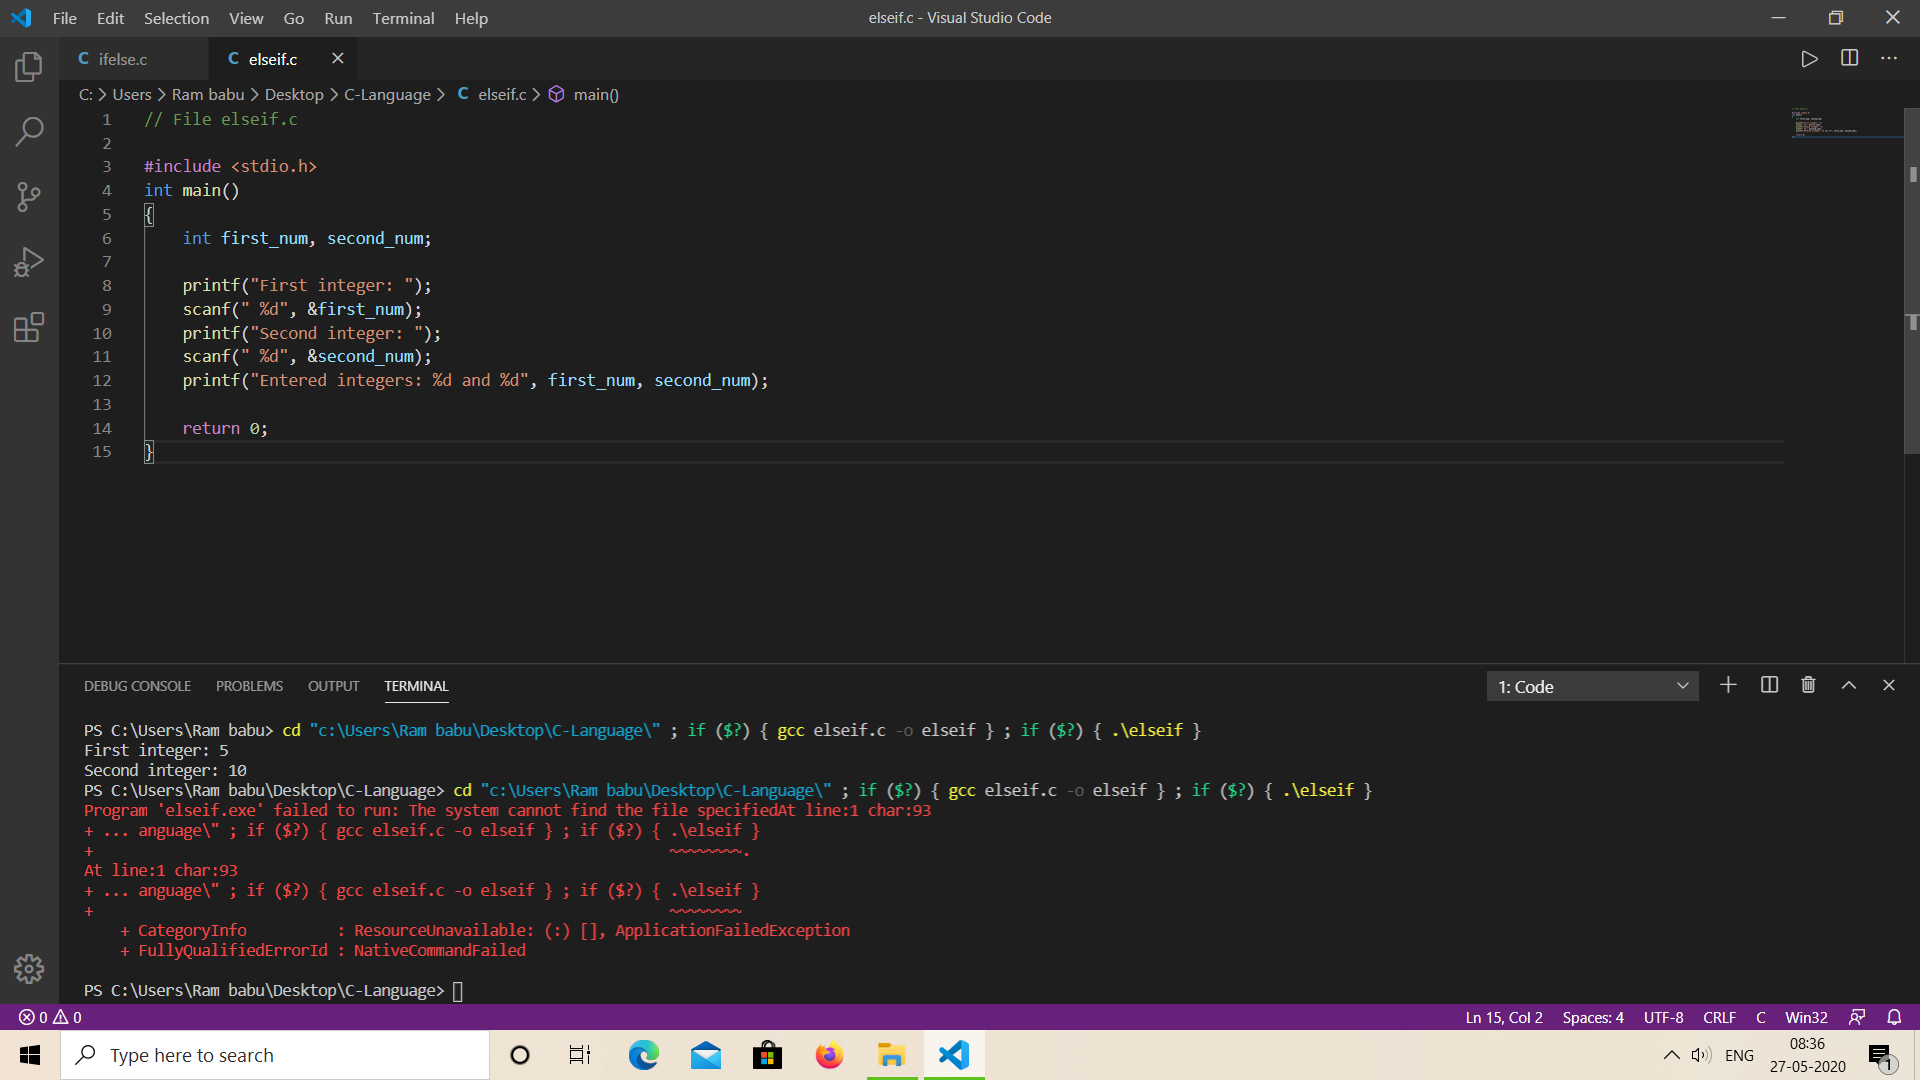 Error in Visual Studio Code db7aec78-f1bc-421c-a200-60826c80e7e8?upload=true.png